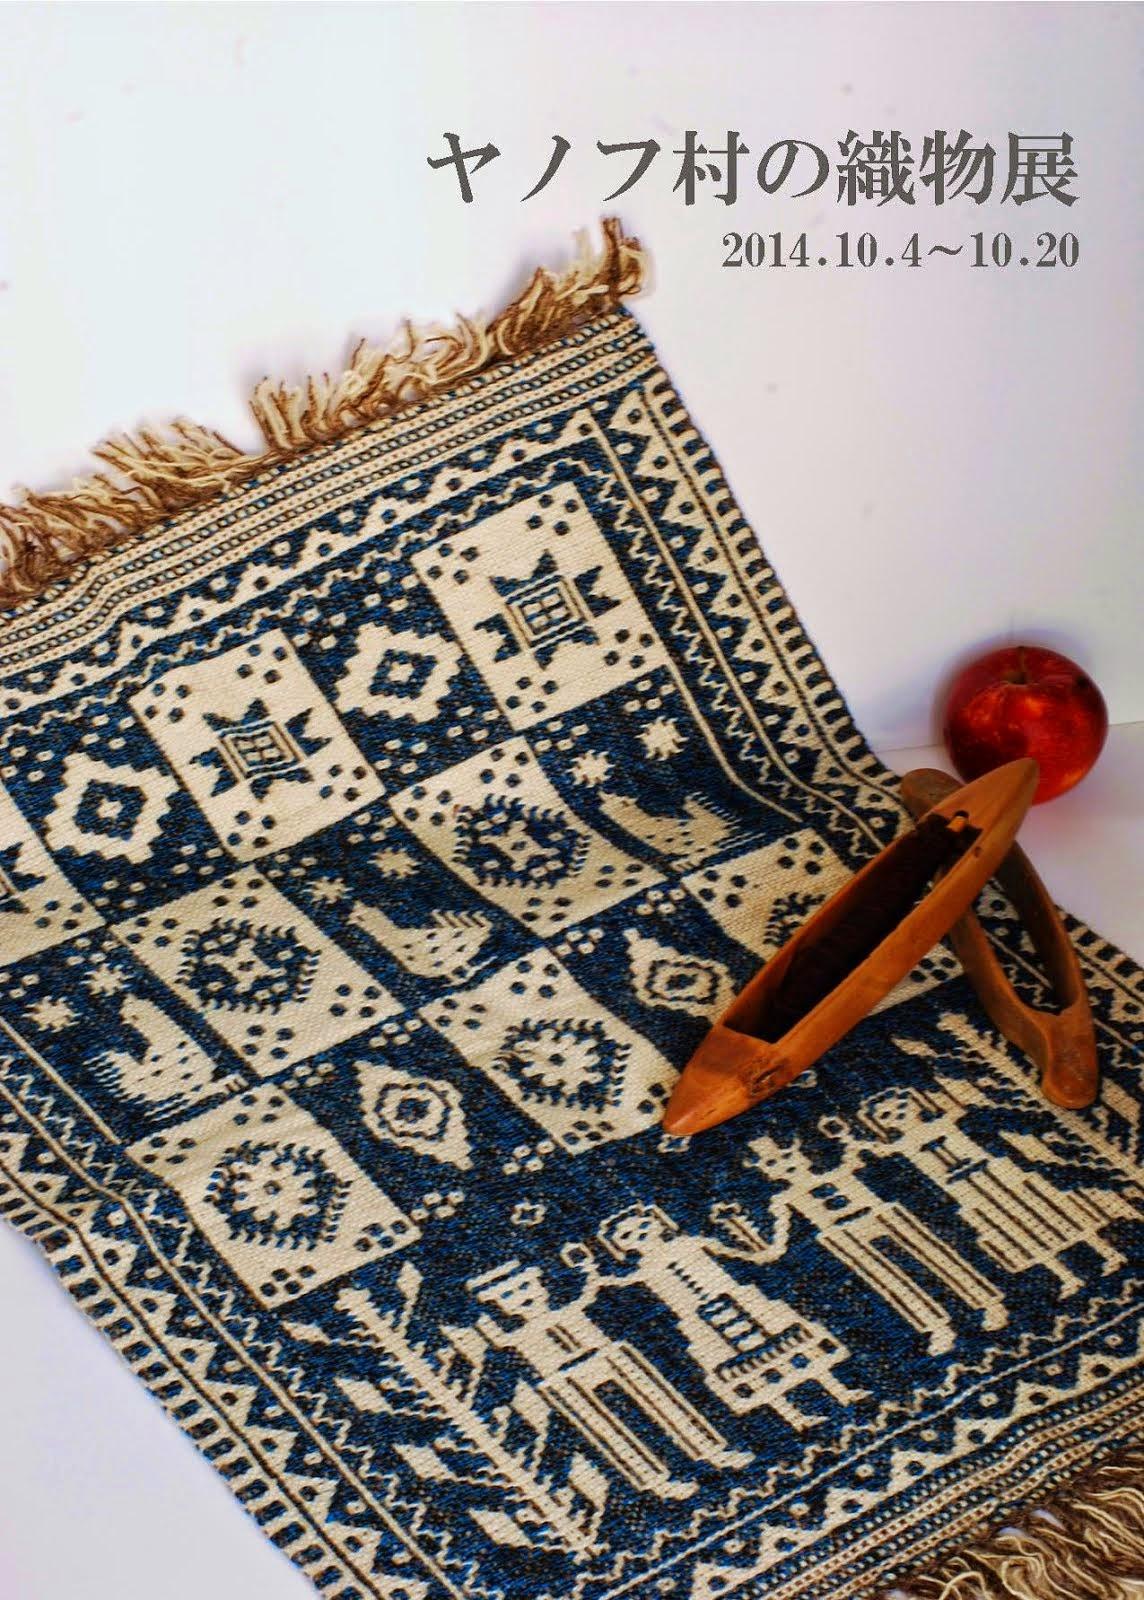 ヤノフ村の織物展2014-2015